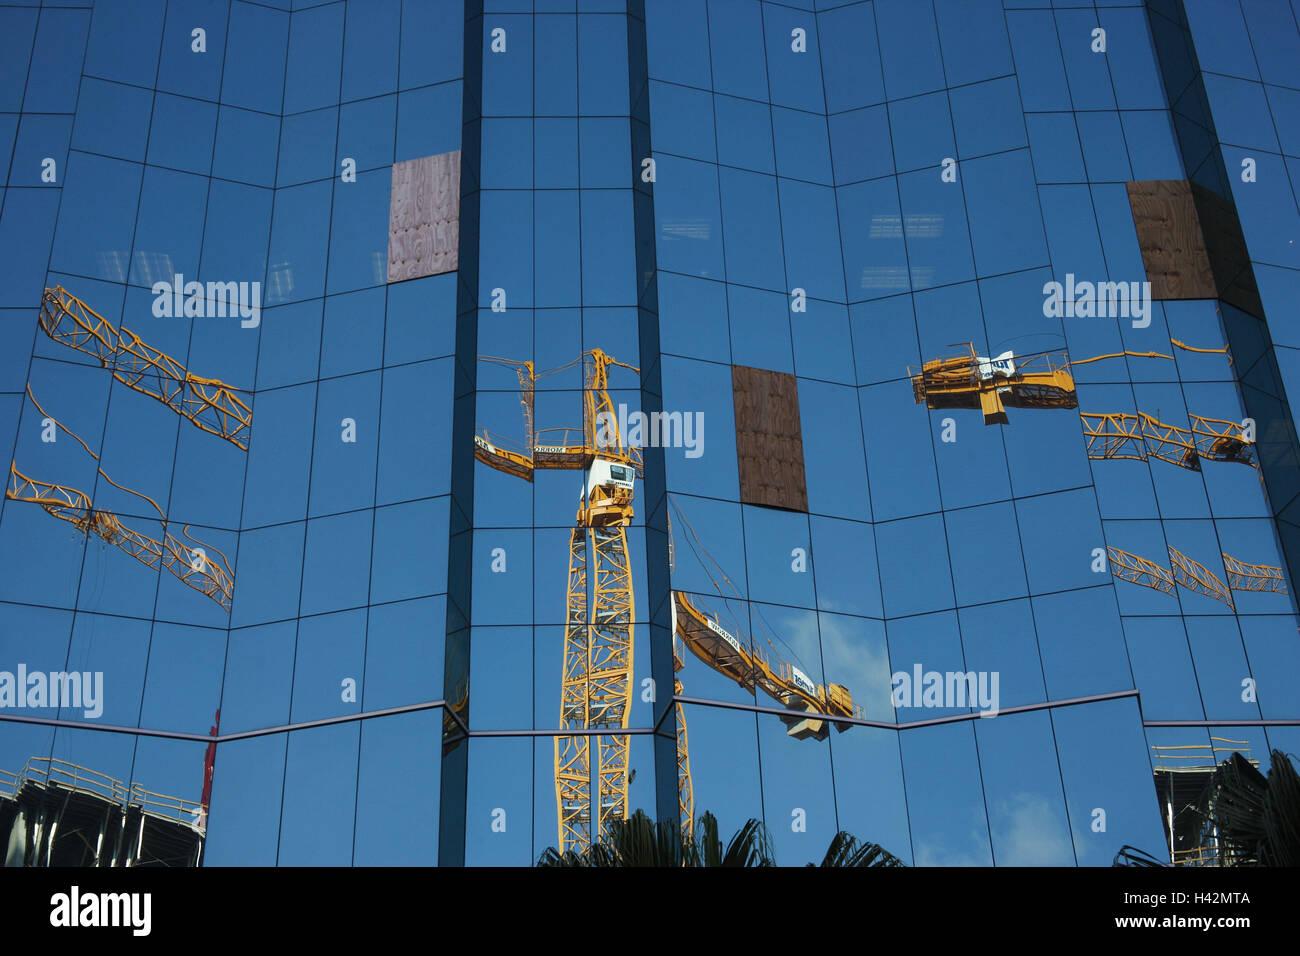 Hochhaus Glasfront Spiegelung Krane Viele Detail Wirtschaft